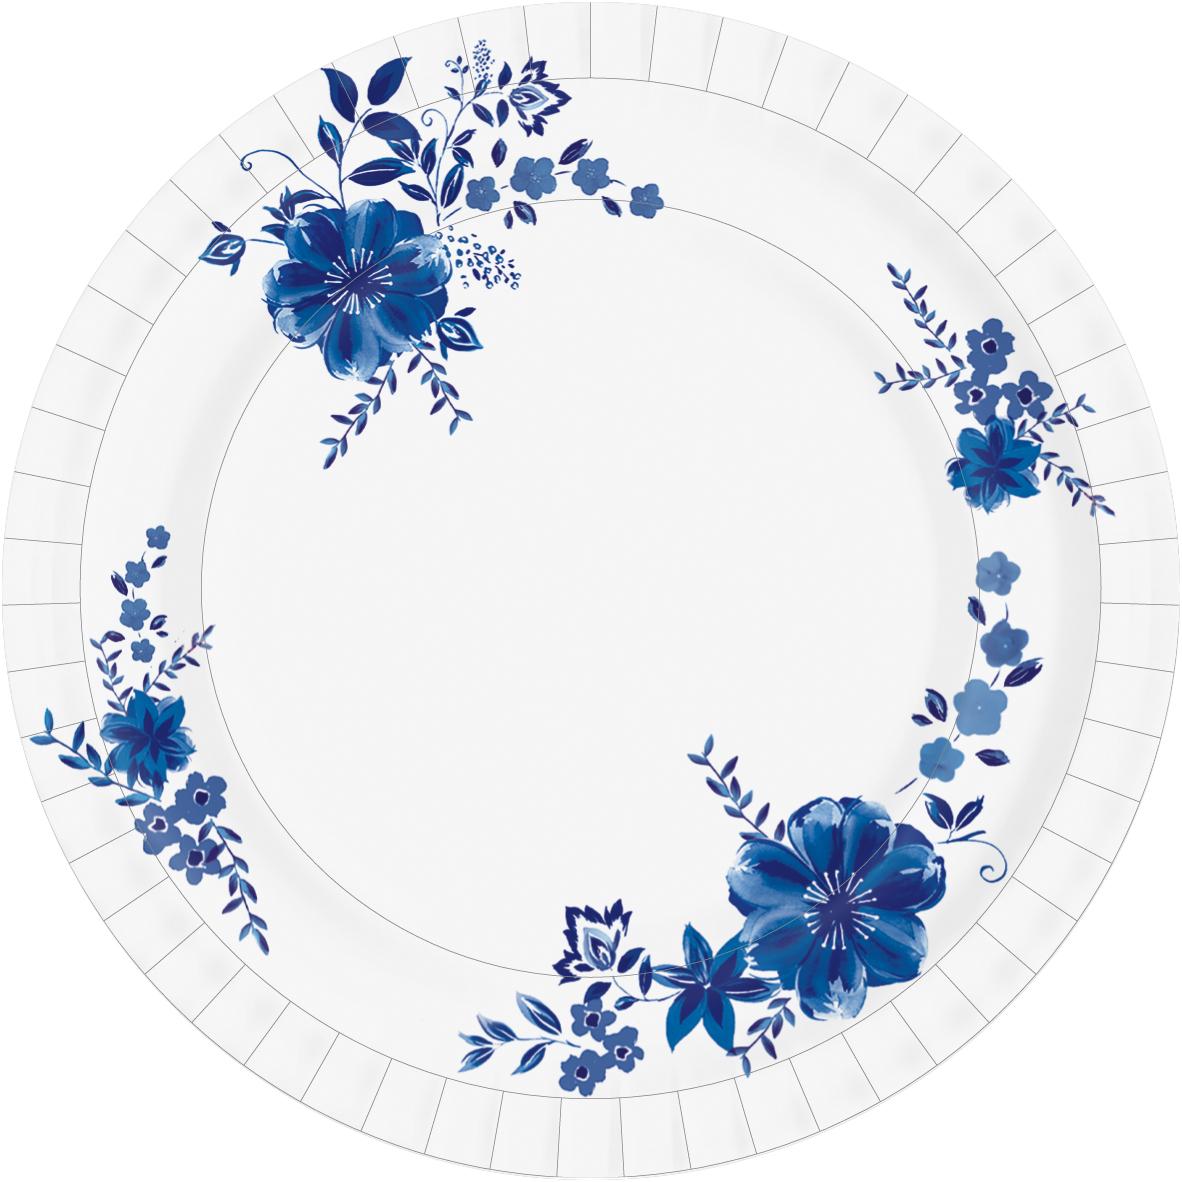 """Набор одноразовой посуды Duni """"Laura"""" состоит из 10 круглых тарелок, выполненных из плотной бумаги и предназначенных для одноразового использования. Изделия декорированы высококачественным стильным узором. Одноразовые тарелки будут незаменимы в поездках на природу, пикниках и других мероприятиях. Они не займут много места, легки и самое главное - после использования их не надо мыть.Не использовать в микроволновой печи.Диаметр тарелки (по верхнему краю): 22 см.Высота тарелки: 2 см.Количество в упаковке: 10 шт."""